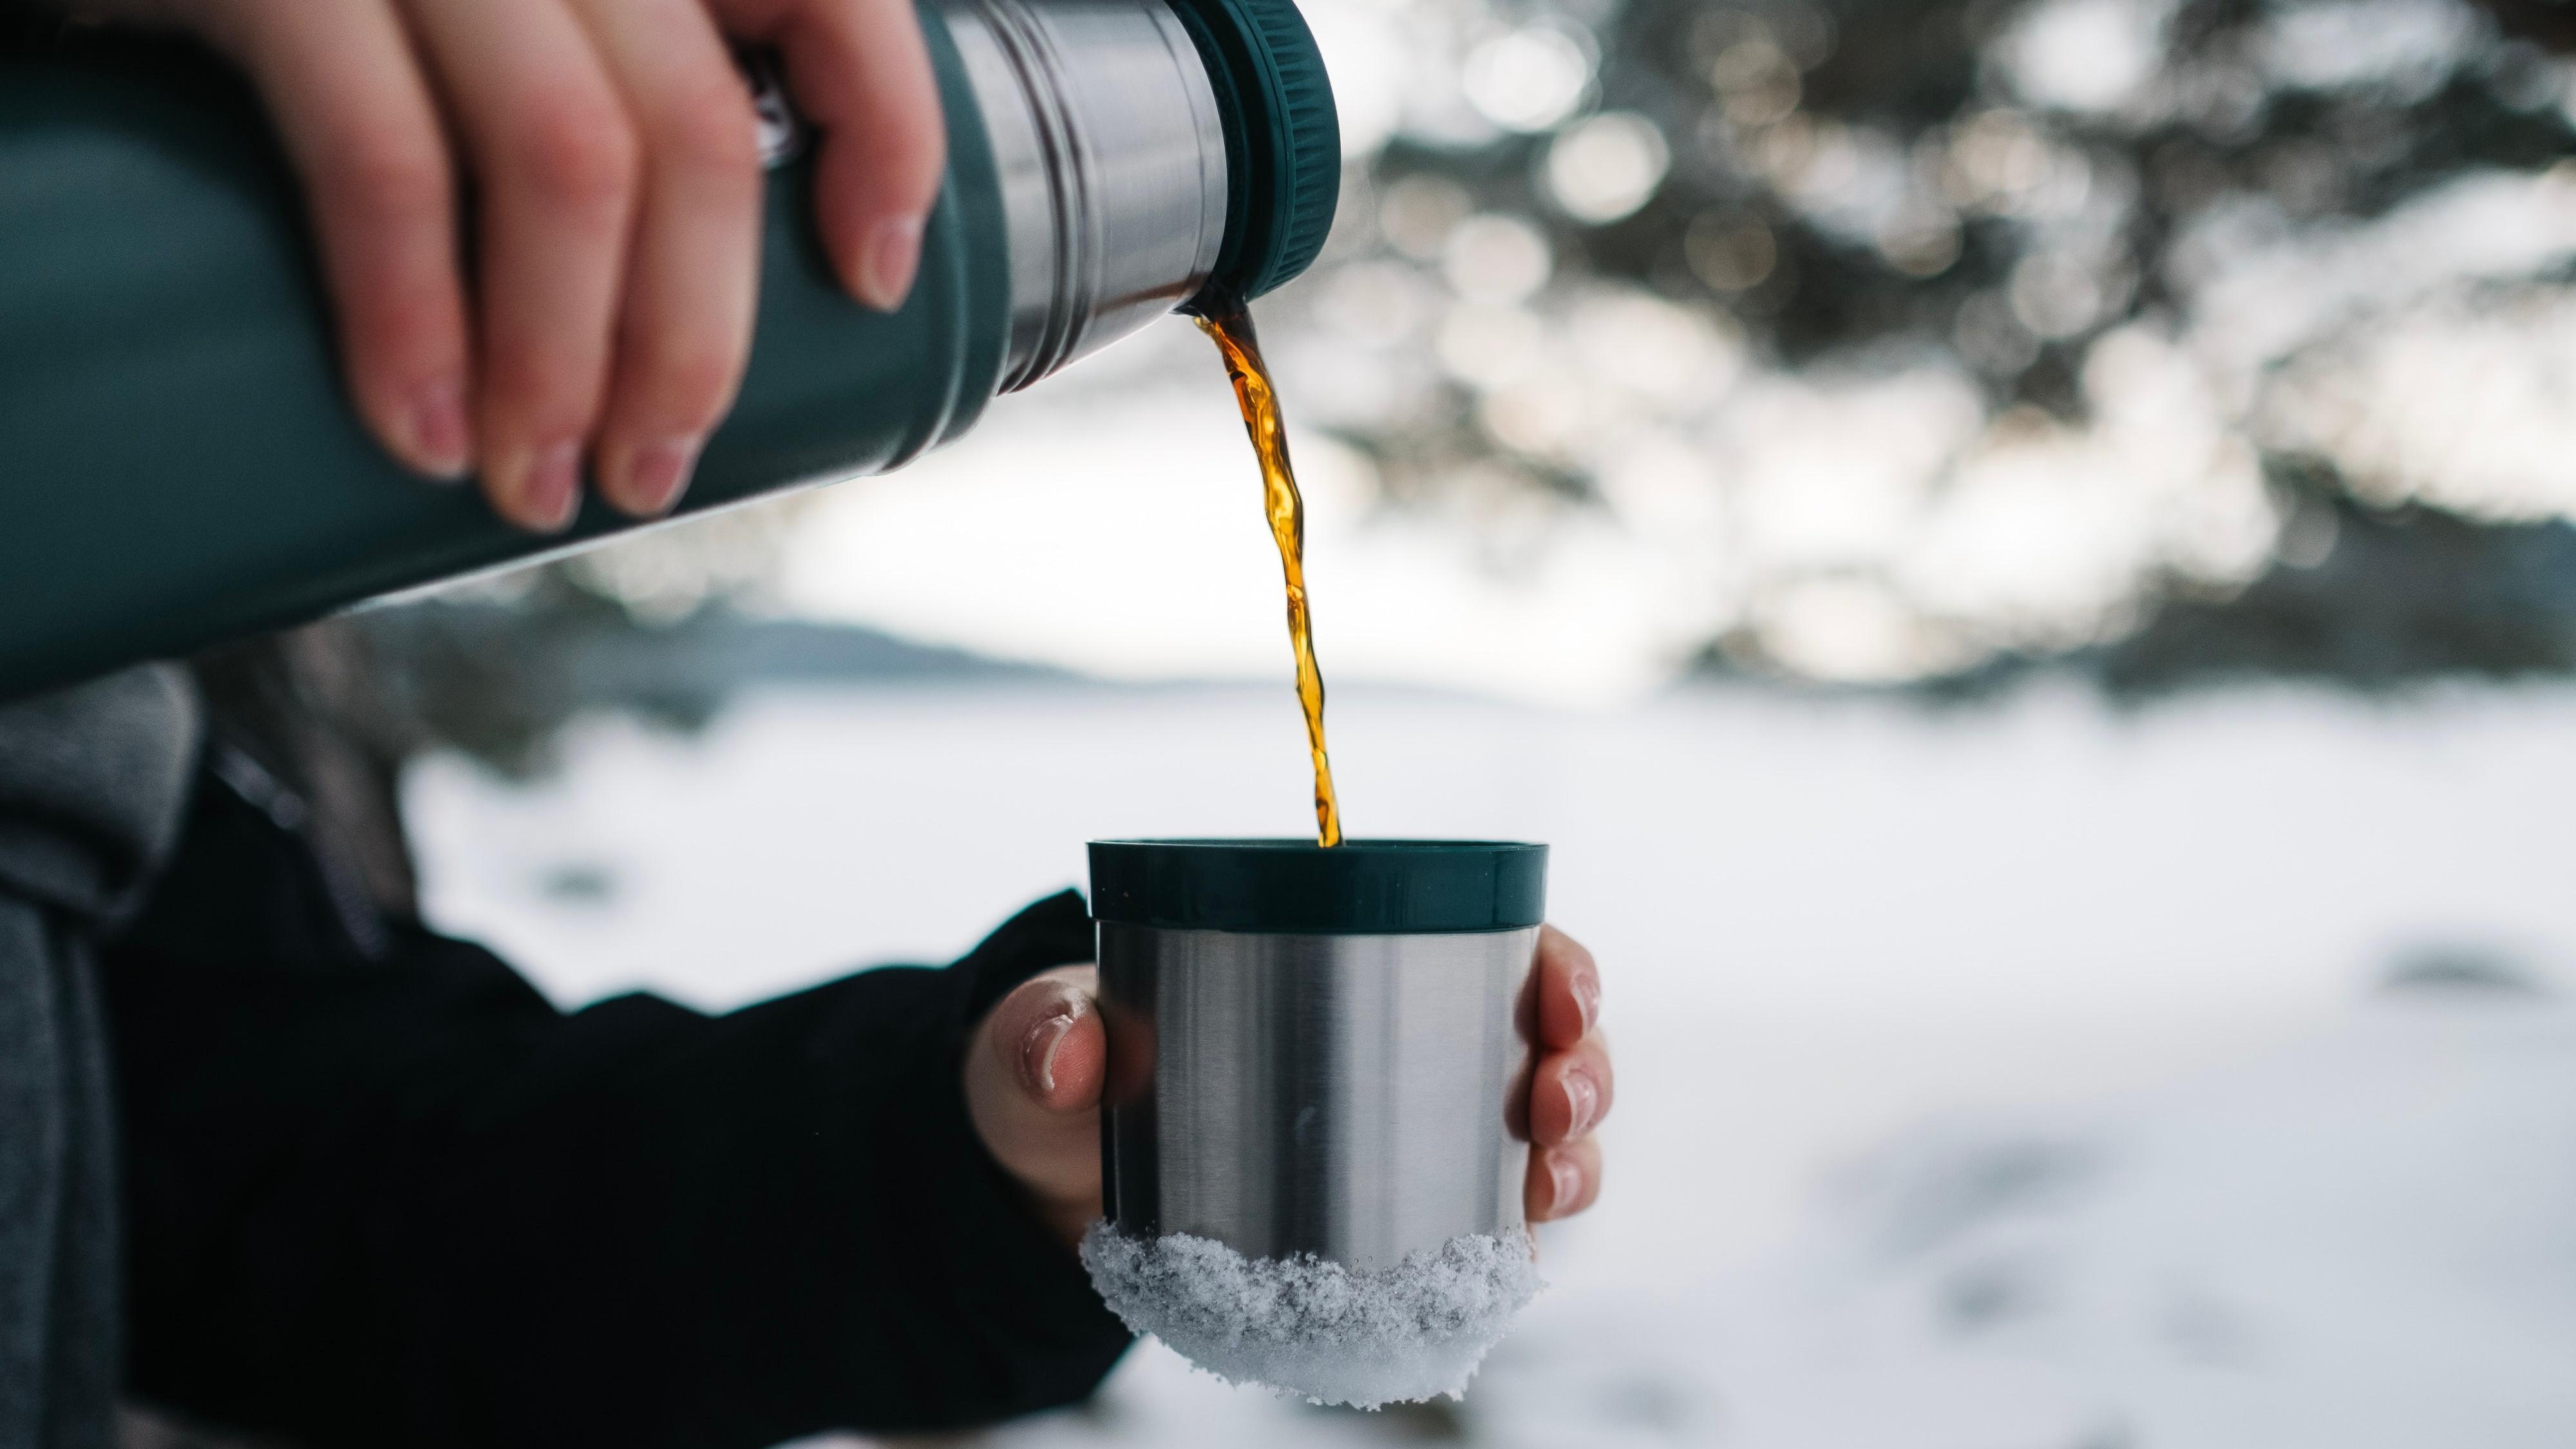 Thermoskannen sind ideale Begleiter für den Winter: So nutzen Sie sie richtig.